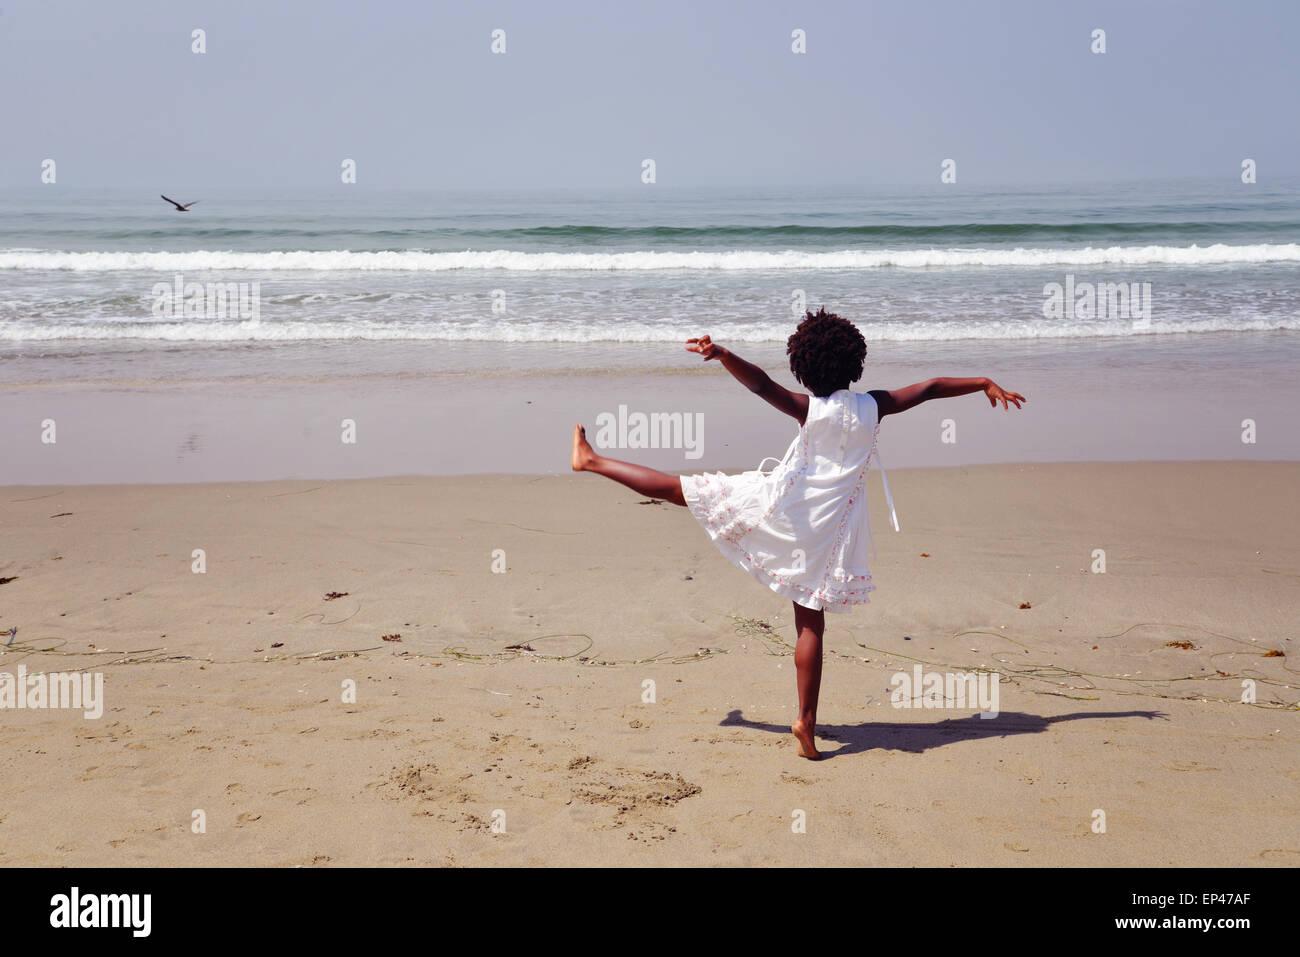 Rückansicht eines afroamerikanischen Mädchen stehen auf einem Bein am Strand Stockbild